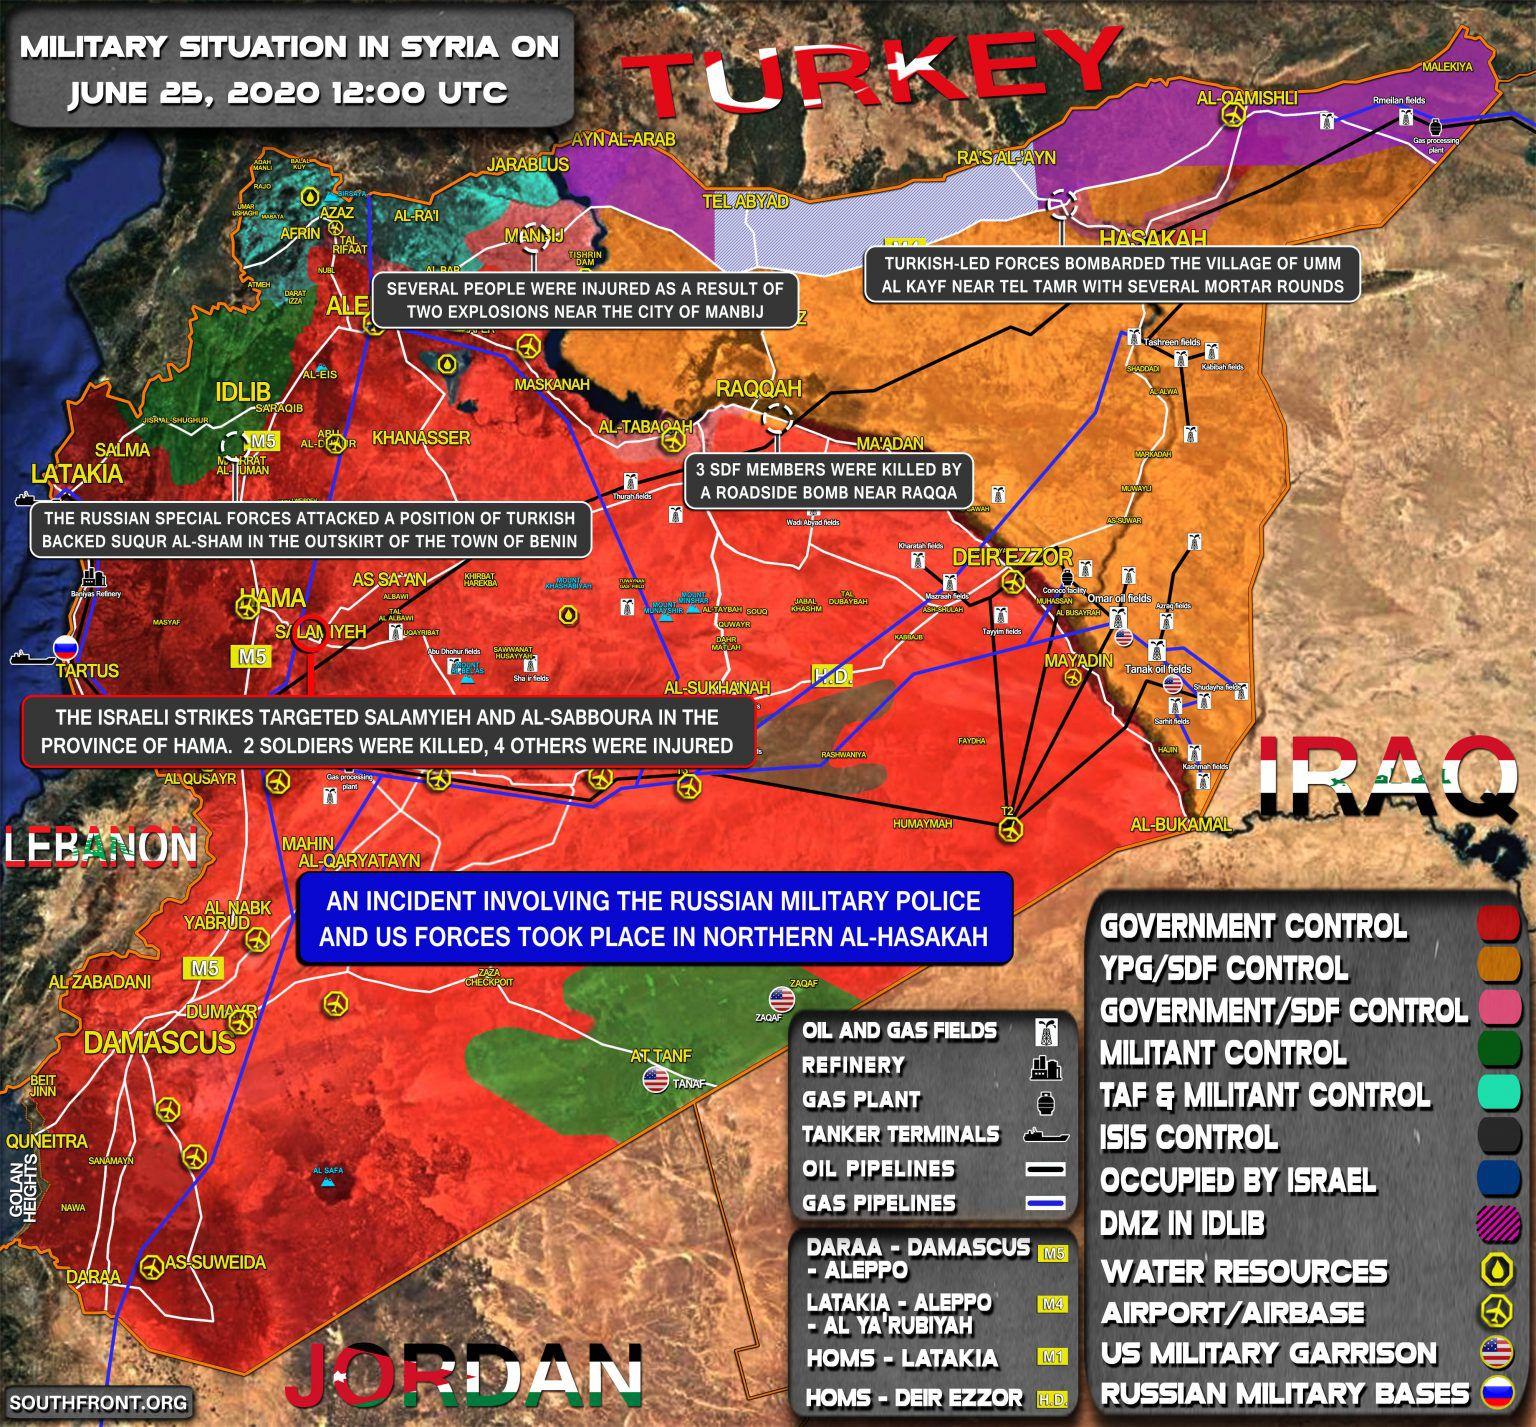 Situation militaire en Syrie au 25 juin 2020 (Southfront)